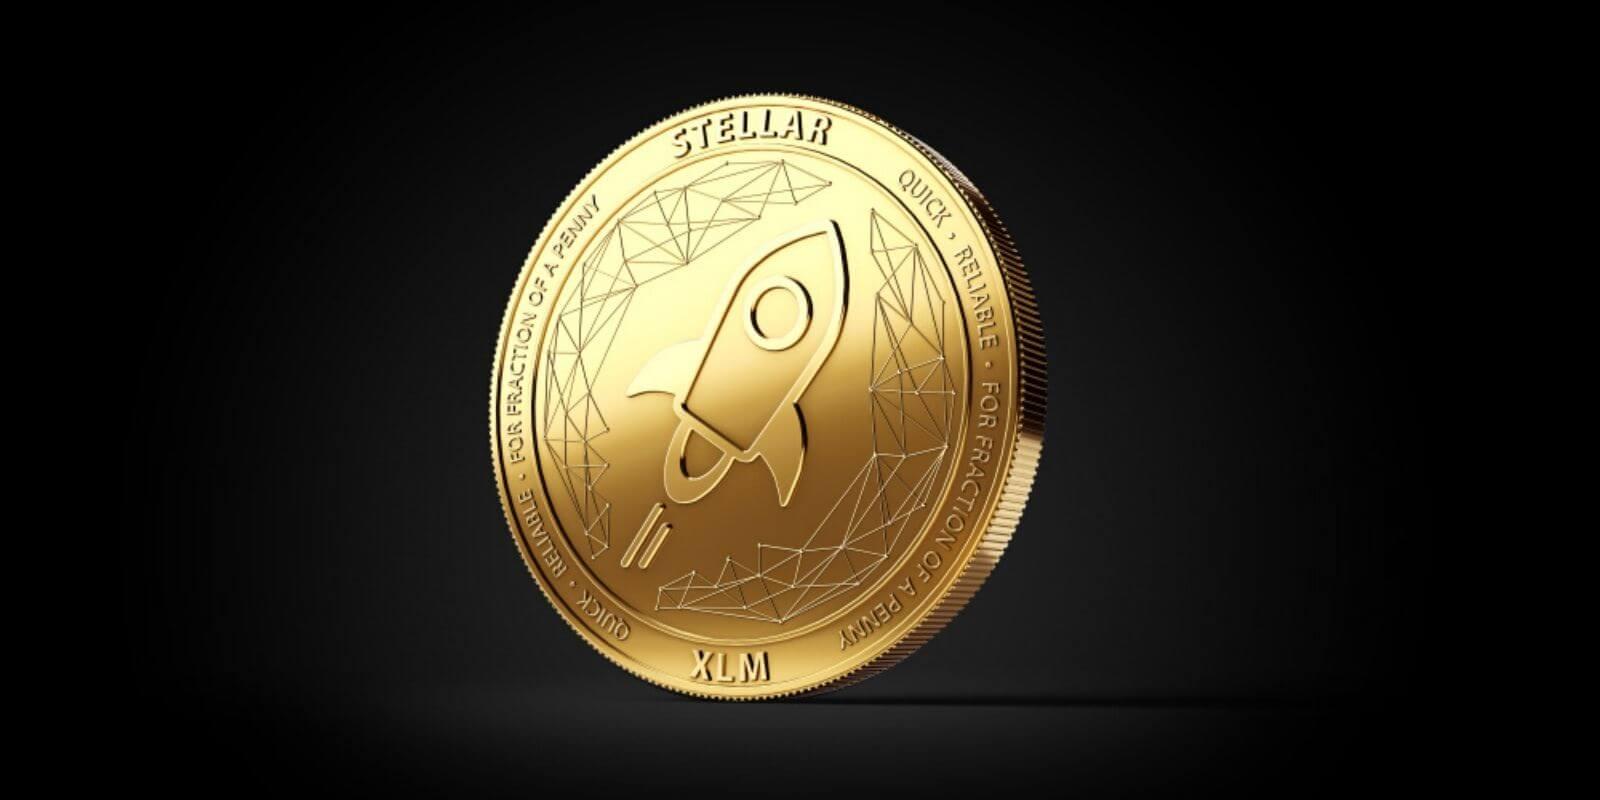 Stellar distribue 2.5 millions de XLM pour faire face à la crise